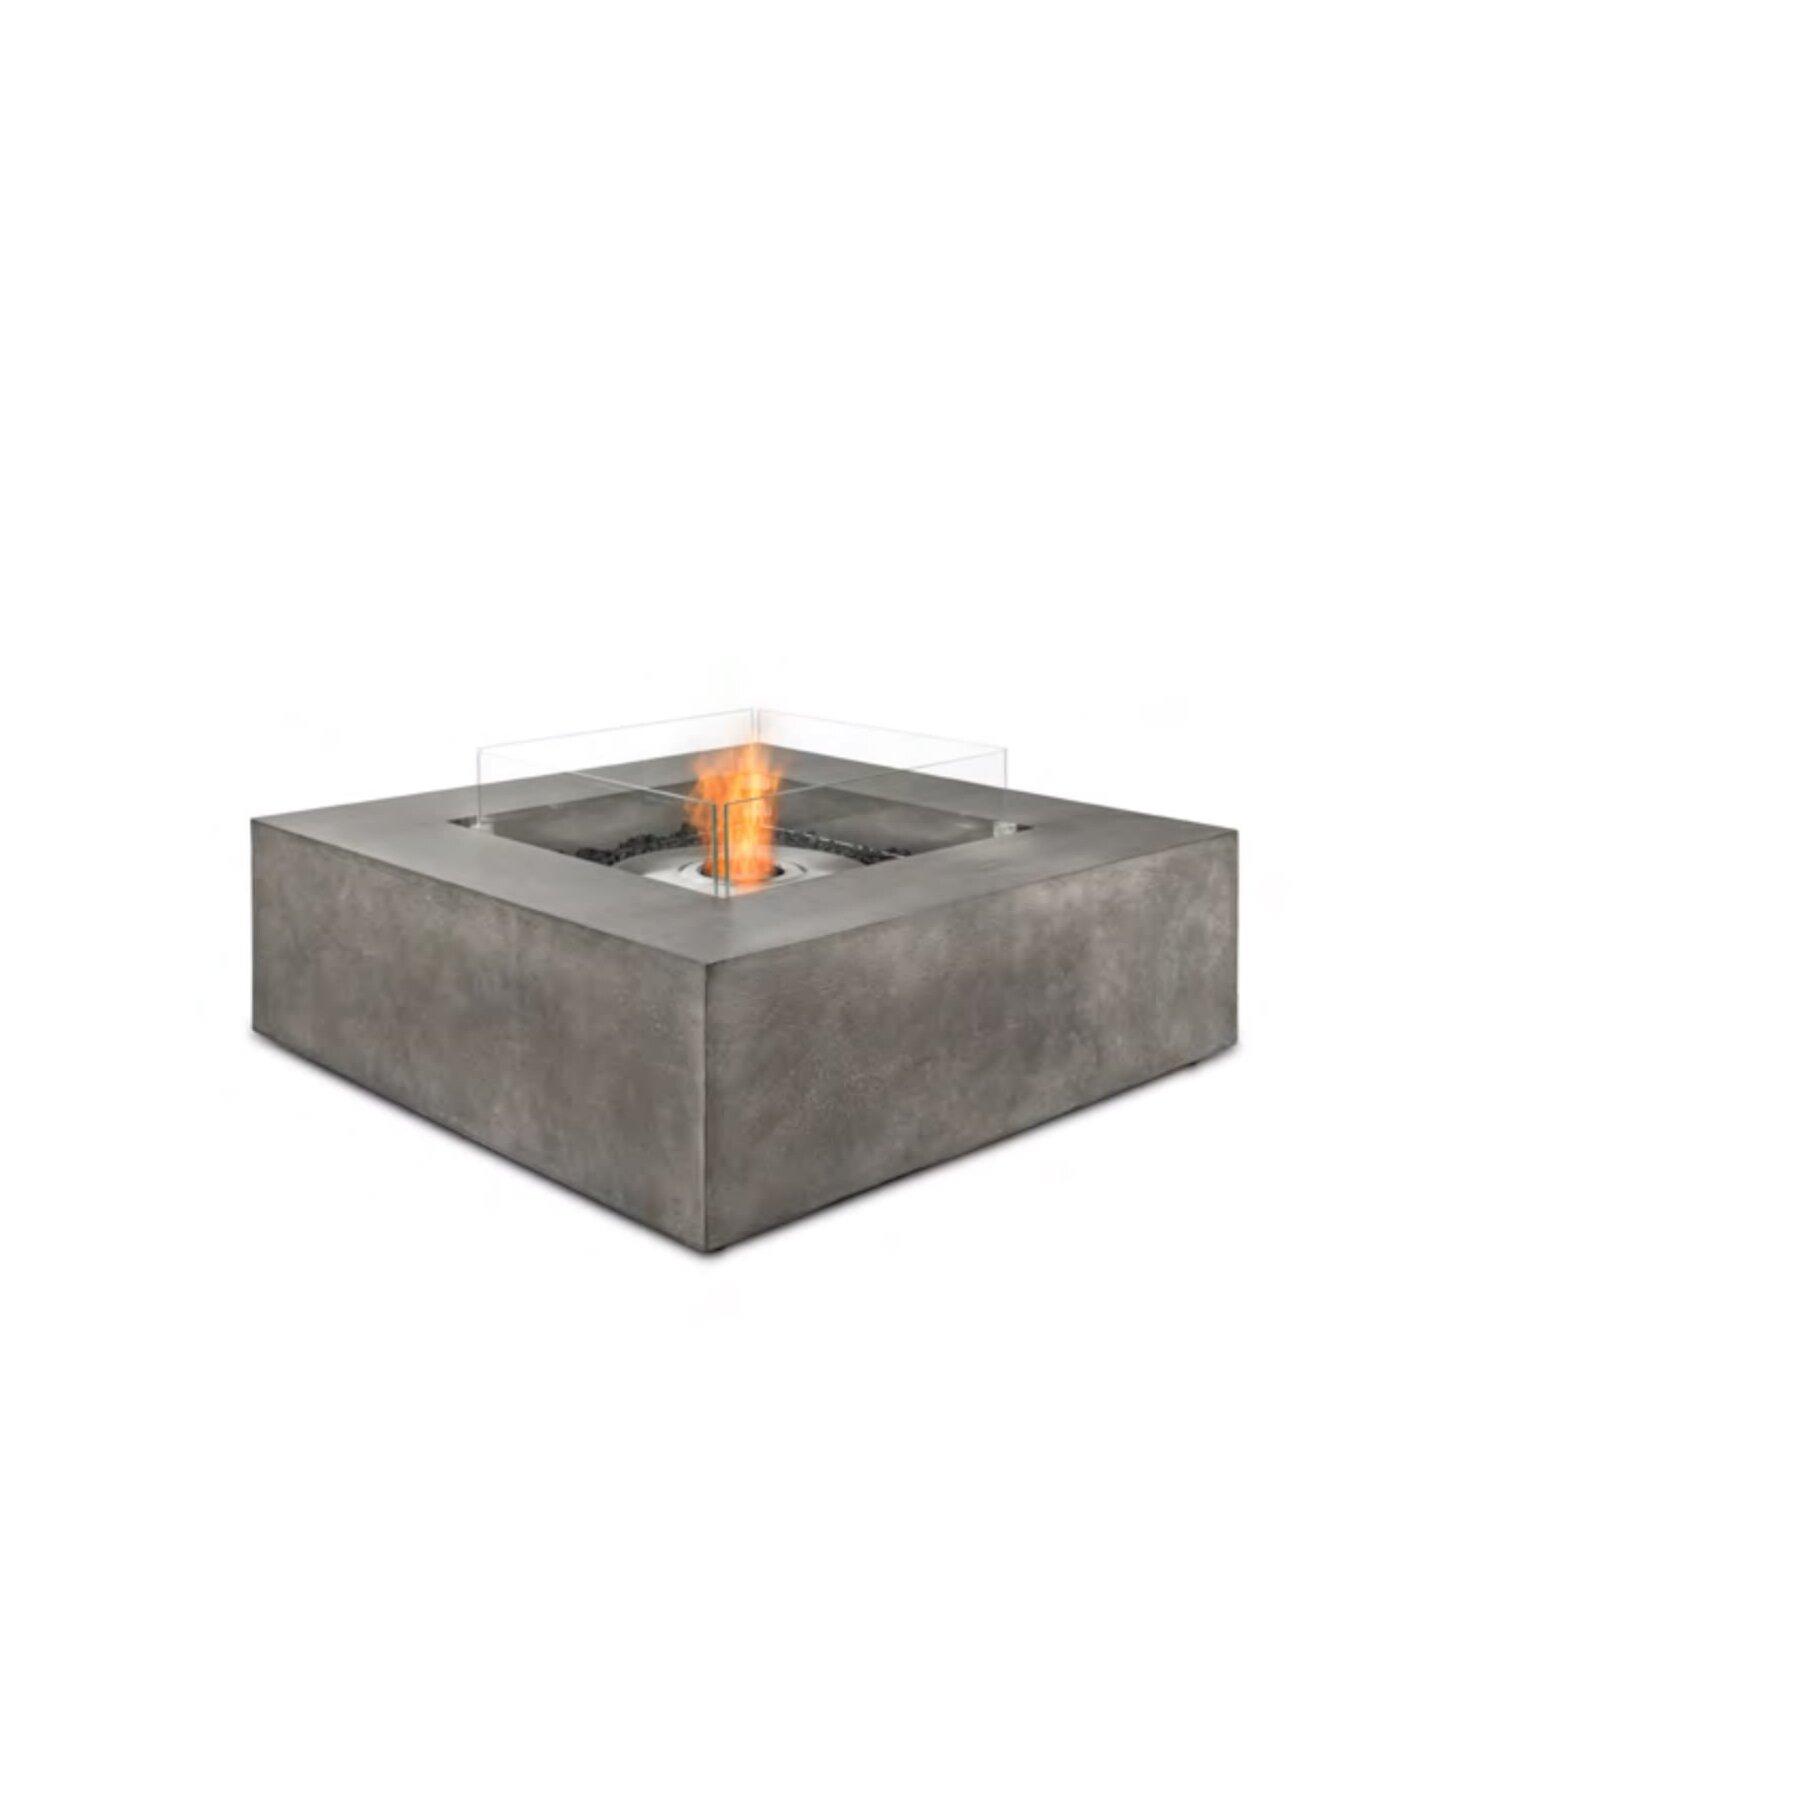 tisch outdoor ethanolkamin ecosmart base. Black Bedroom Furniture Sets. Home Design Ideas